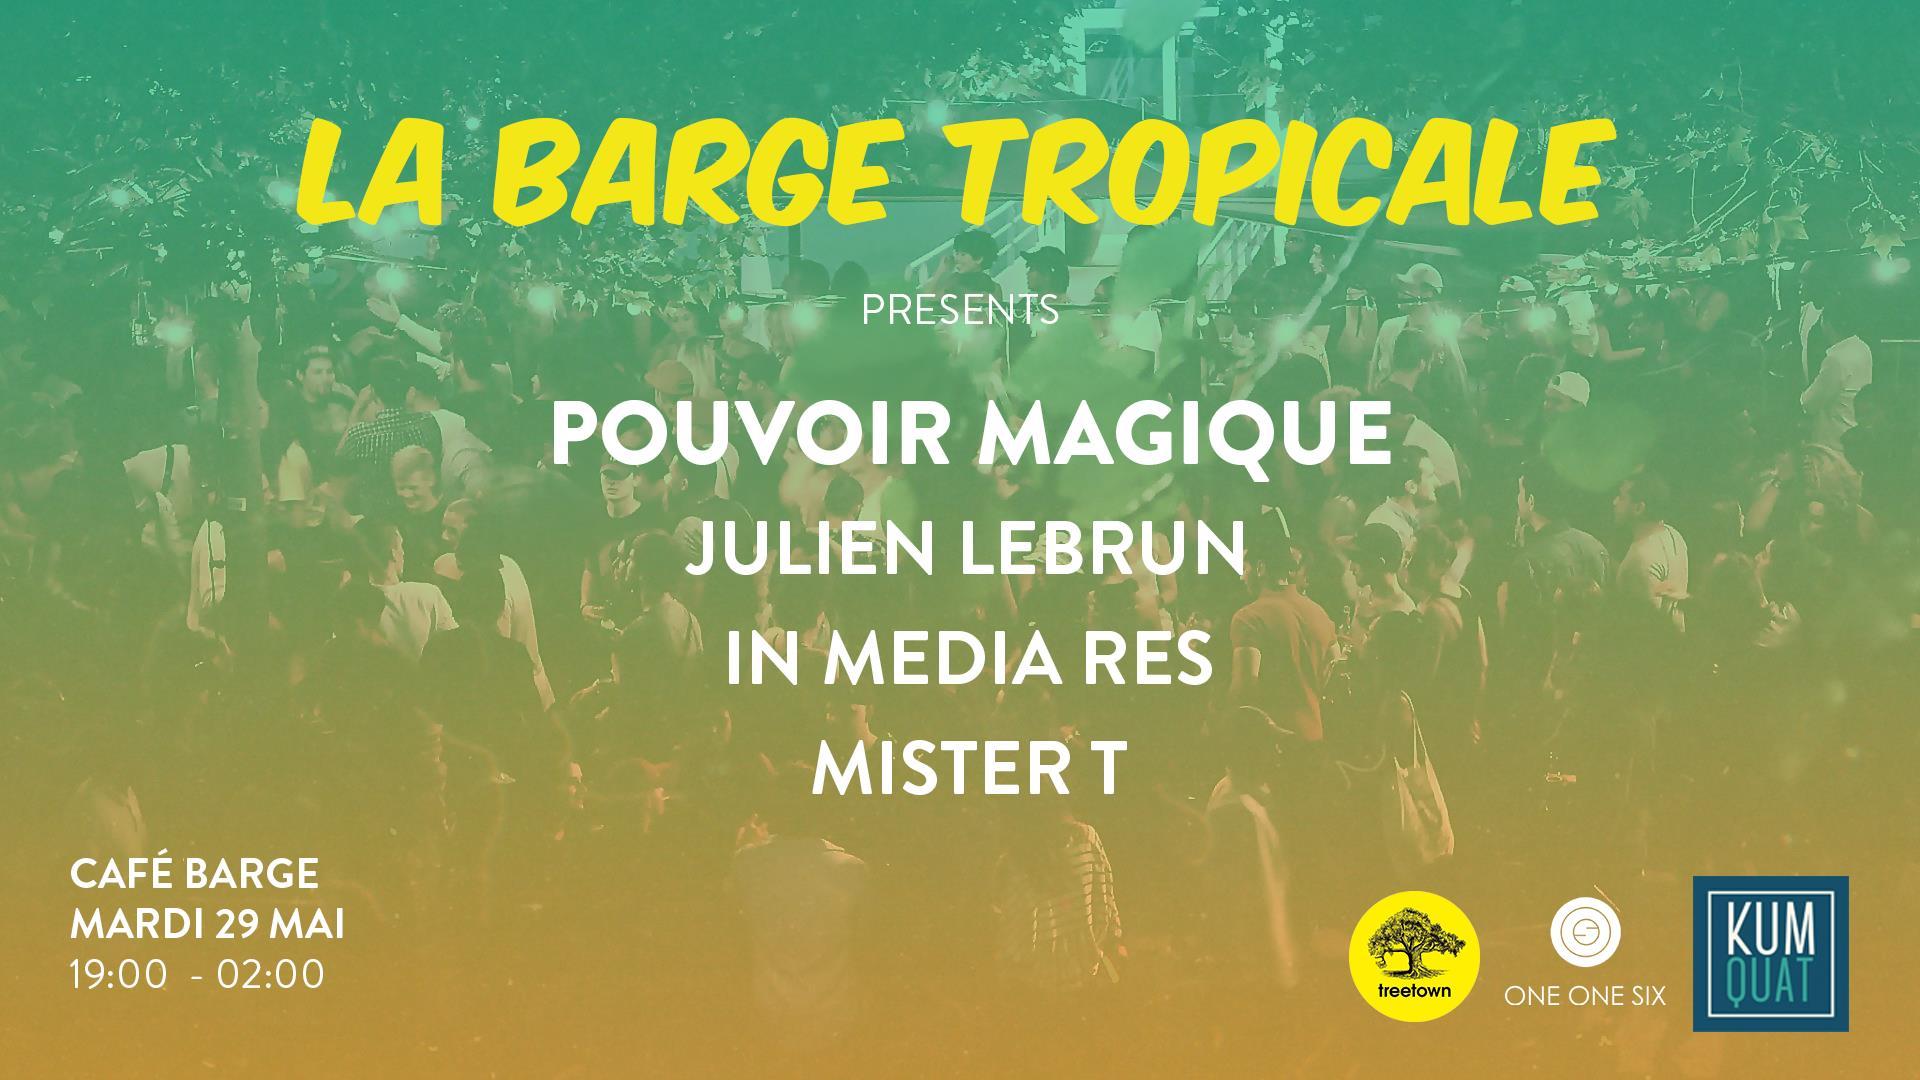 La Barge Tropicale w/ Pouvoir Magique, Julien Lebrun & IMR